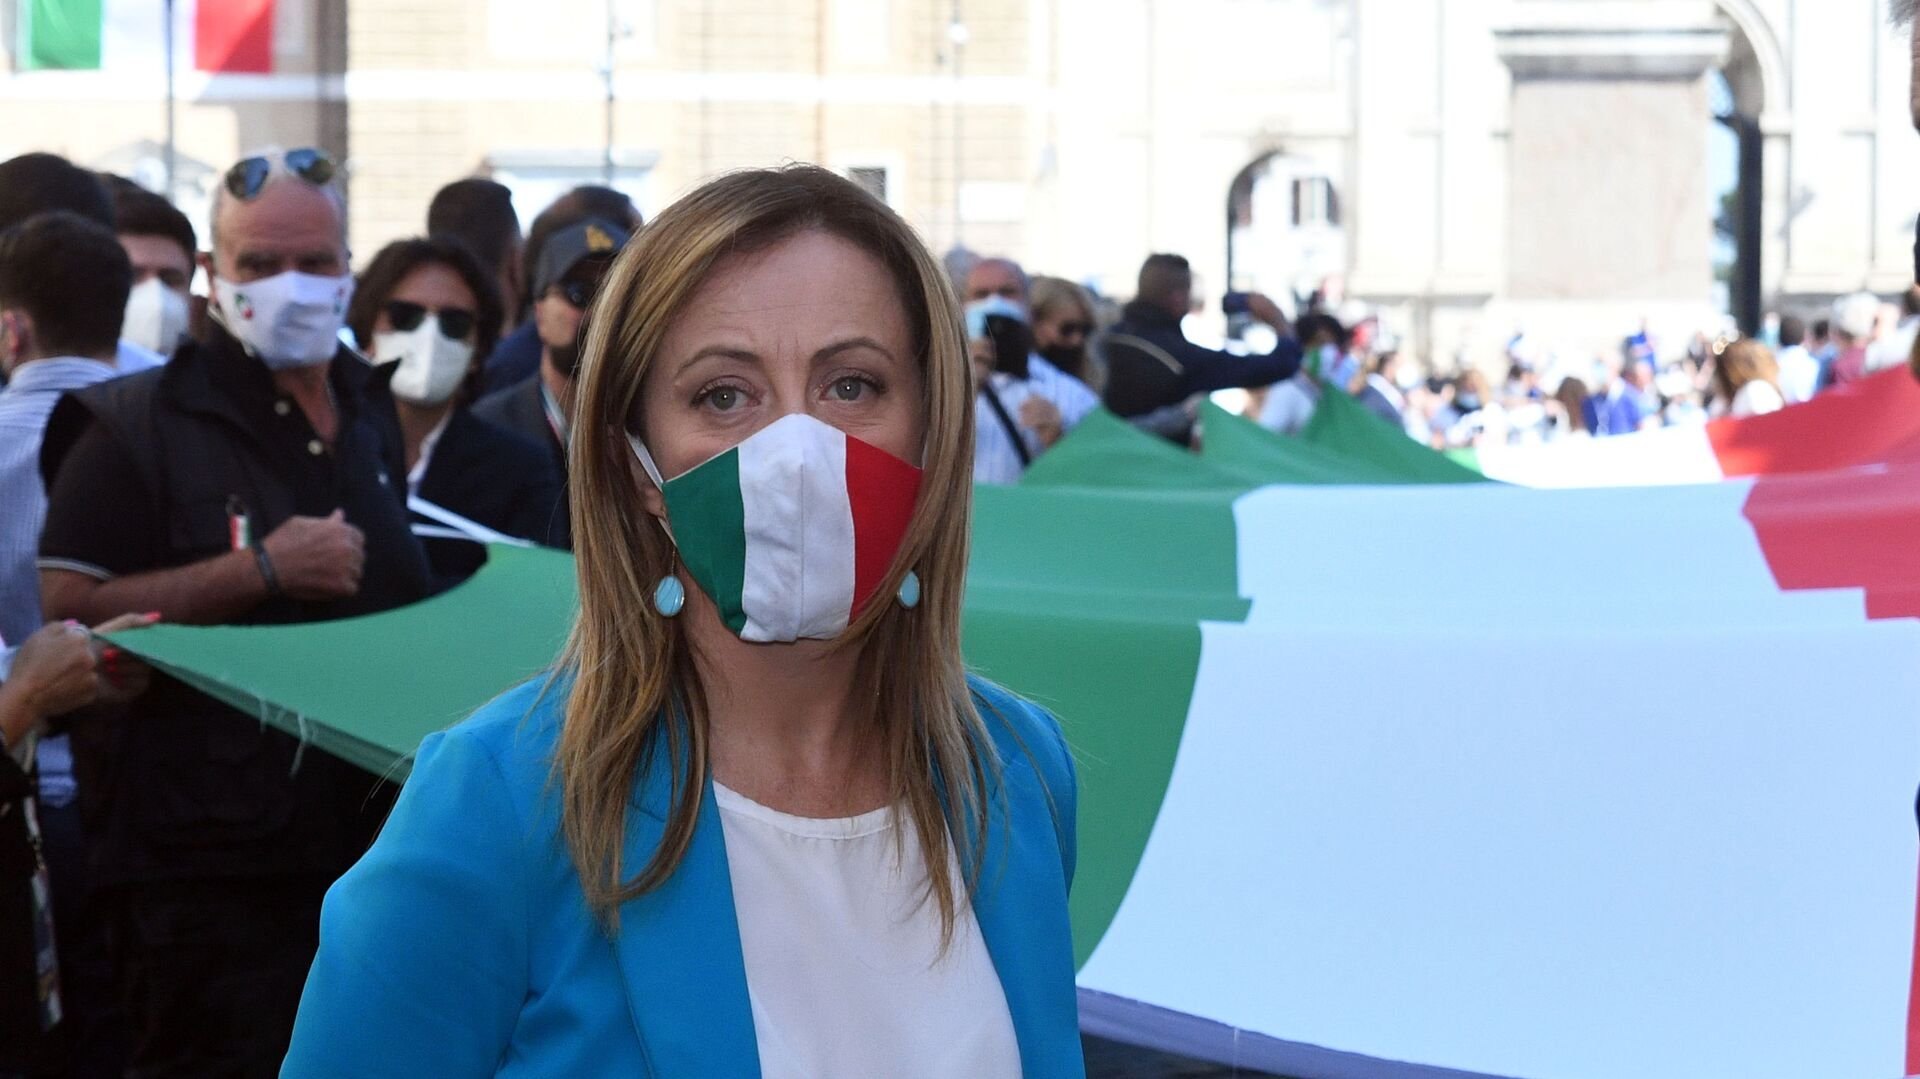 Manifestazione del centro destra con i leader Matteo Salvini, Giorgia Meloni e Antonio Tajani - Sputnik Italia, 1920, 03.06.2021